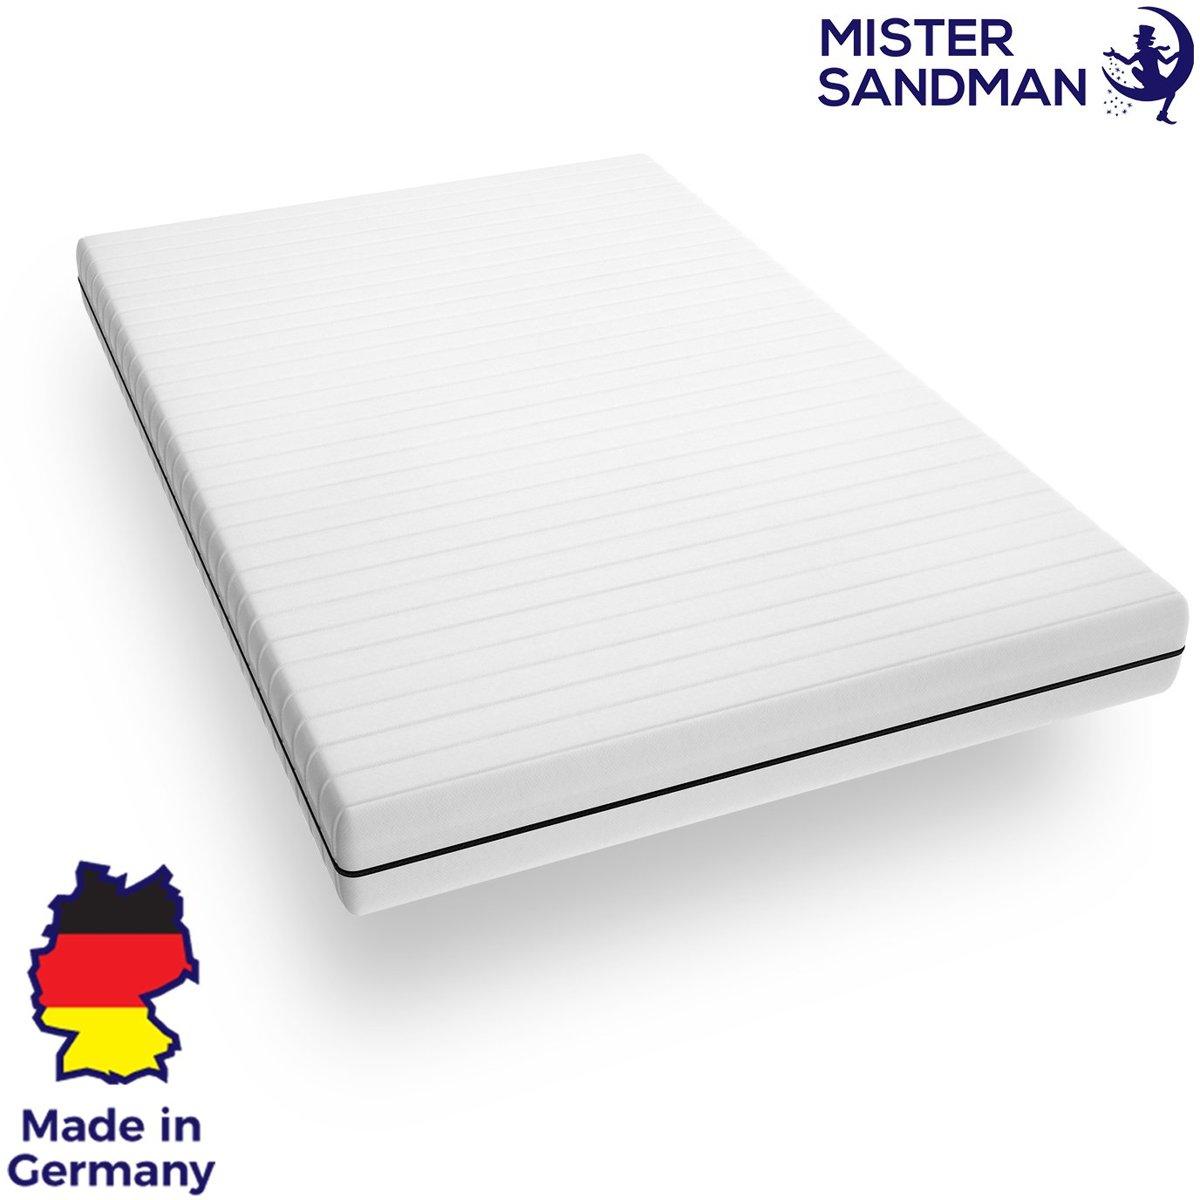 Matras - 140x200 - 7 zones - koudschuim - premium plus tijk - 15 cm - twijfelaar bed